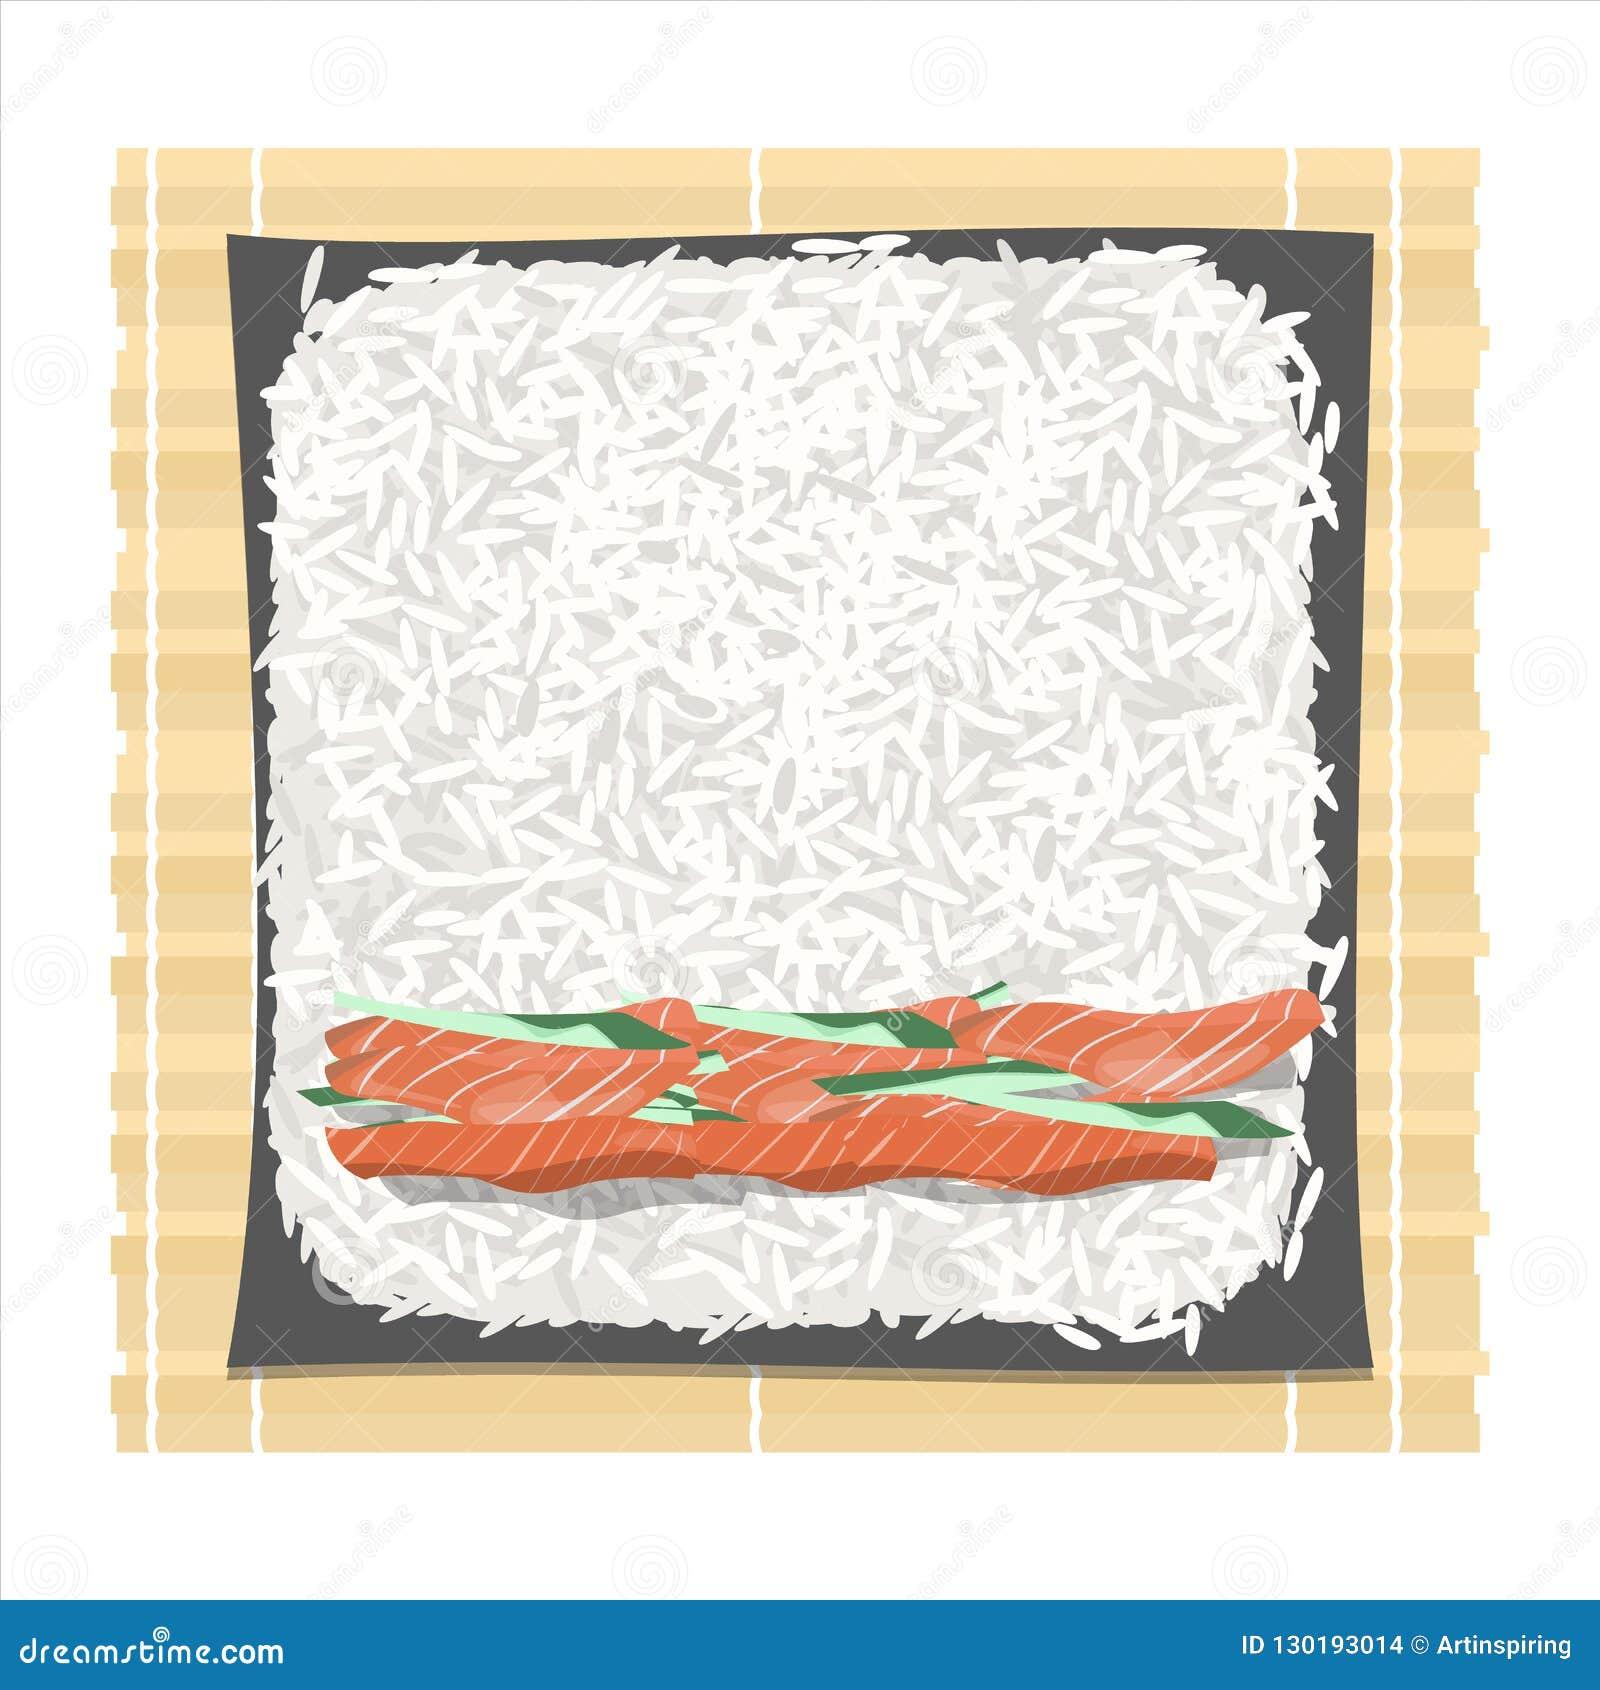 Comment faire des petits pains de sushi à la maison